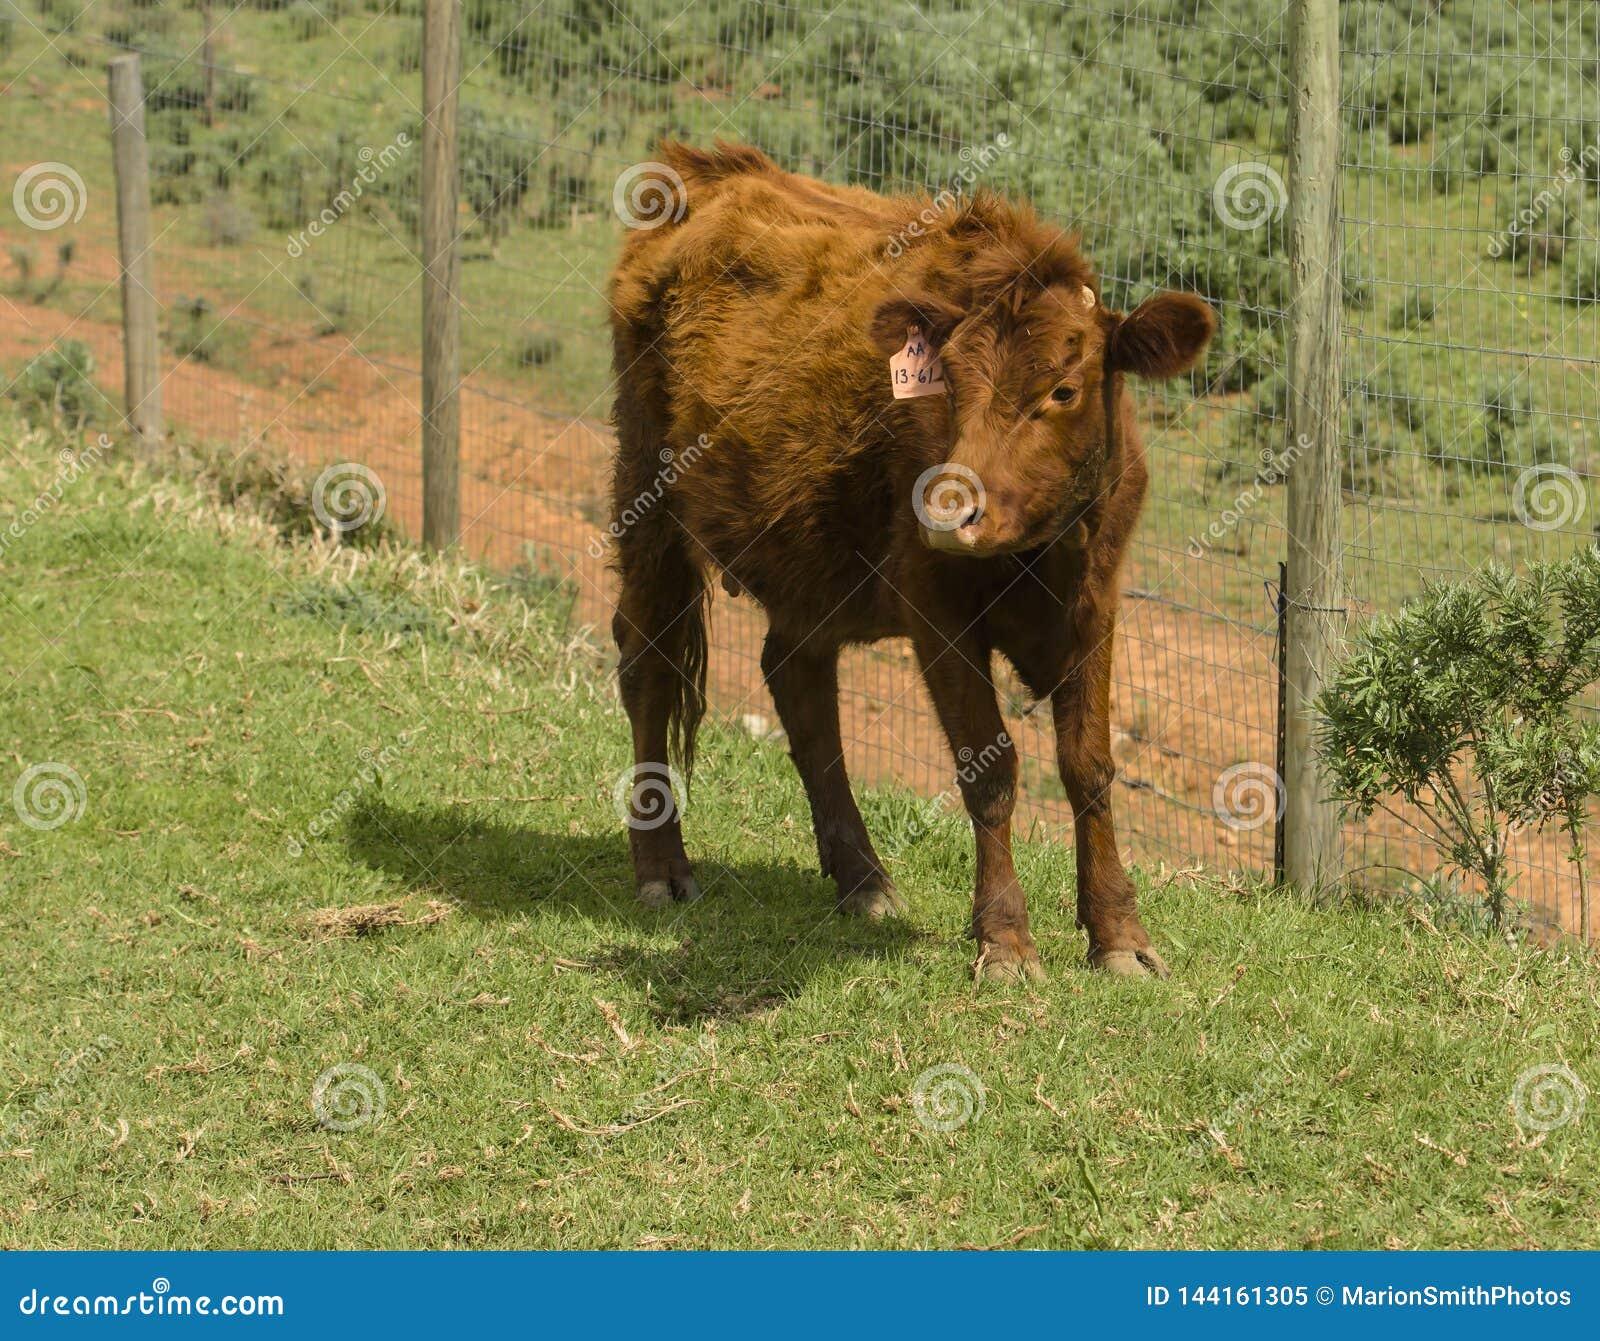 Dexter Cow vermelho, considerou uma raça rara, estando enfrentando a câmera no pasto verde